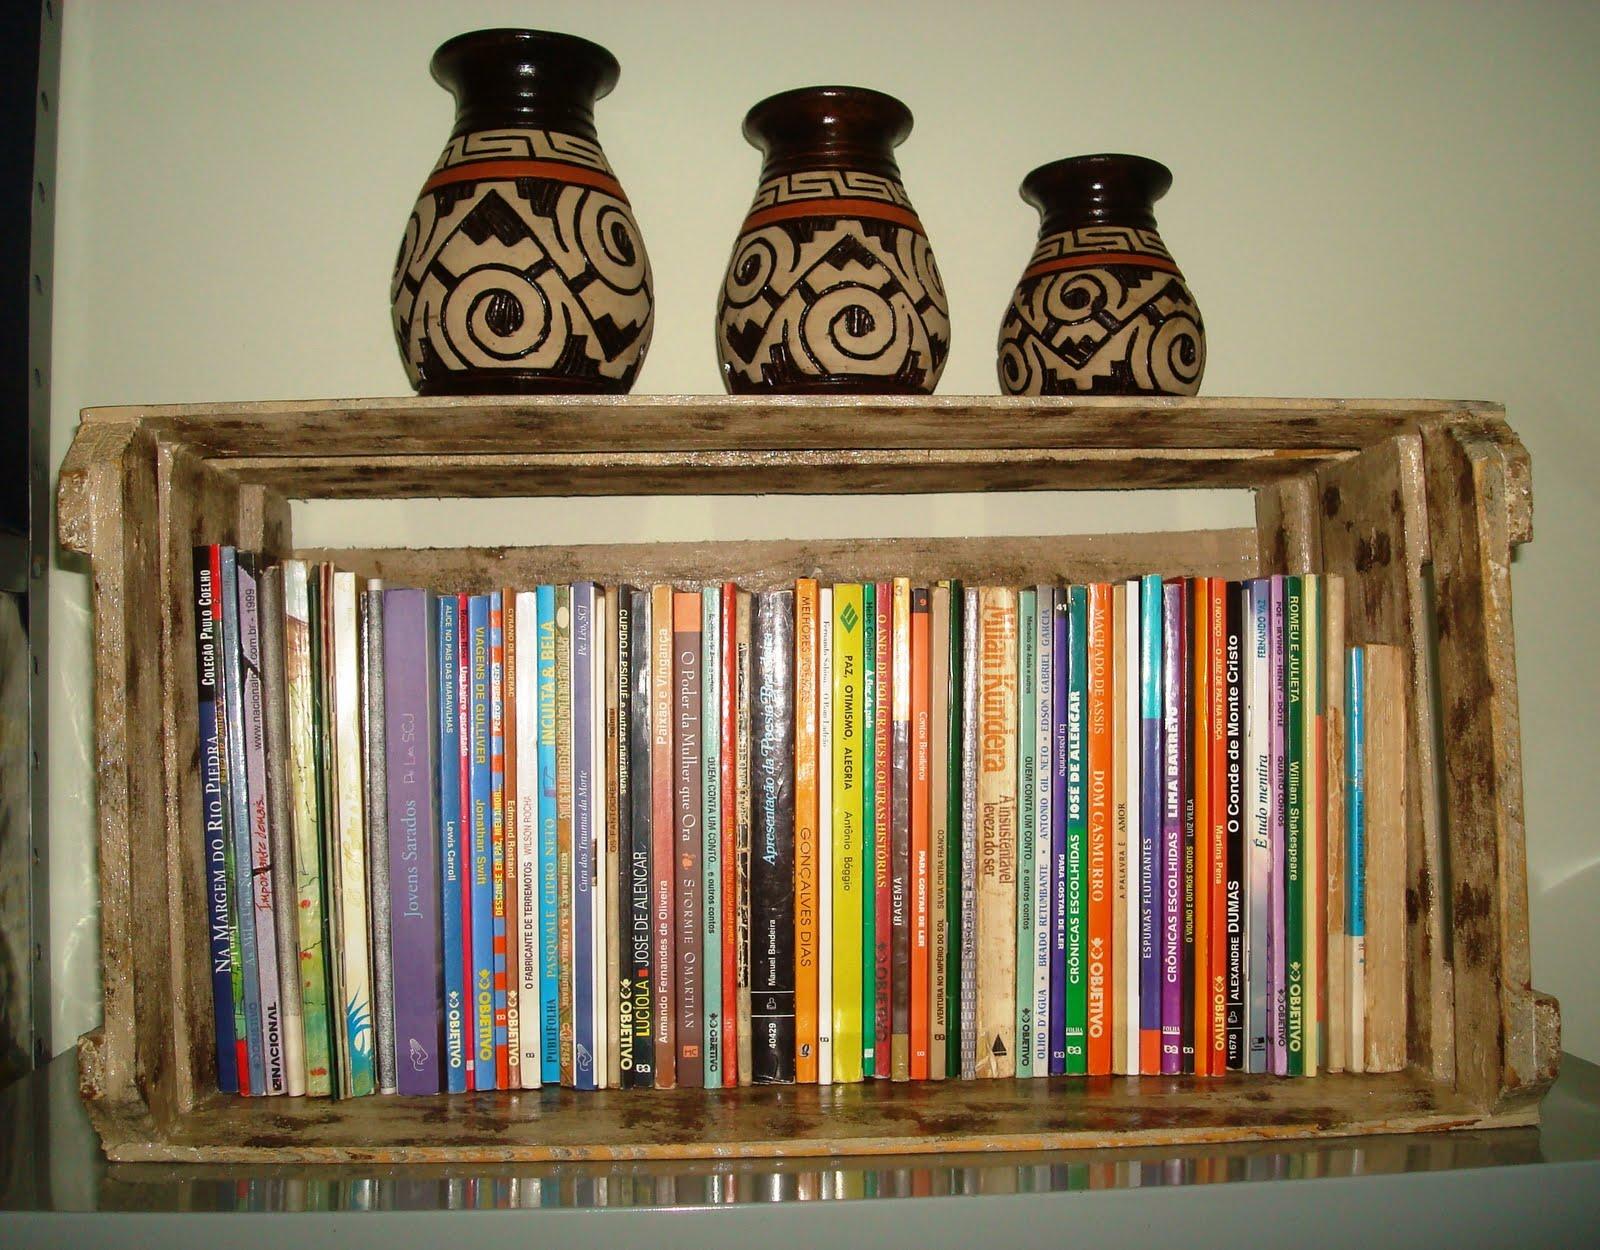 Além de colocar livros dá pra fazer outras coisas legais com eles  #B43A17 1600x1250